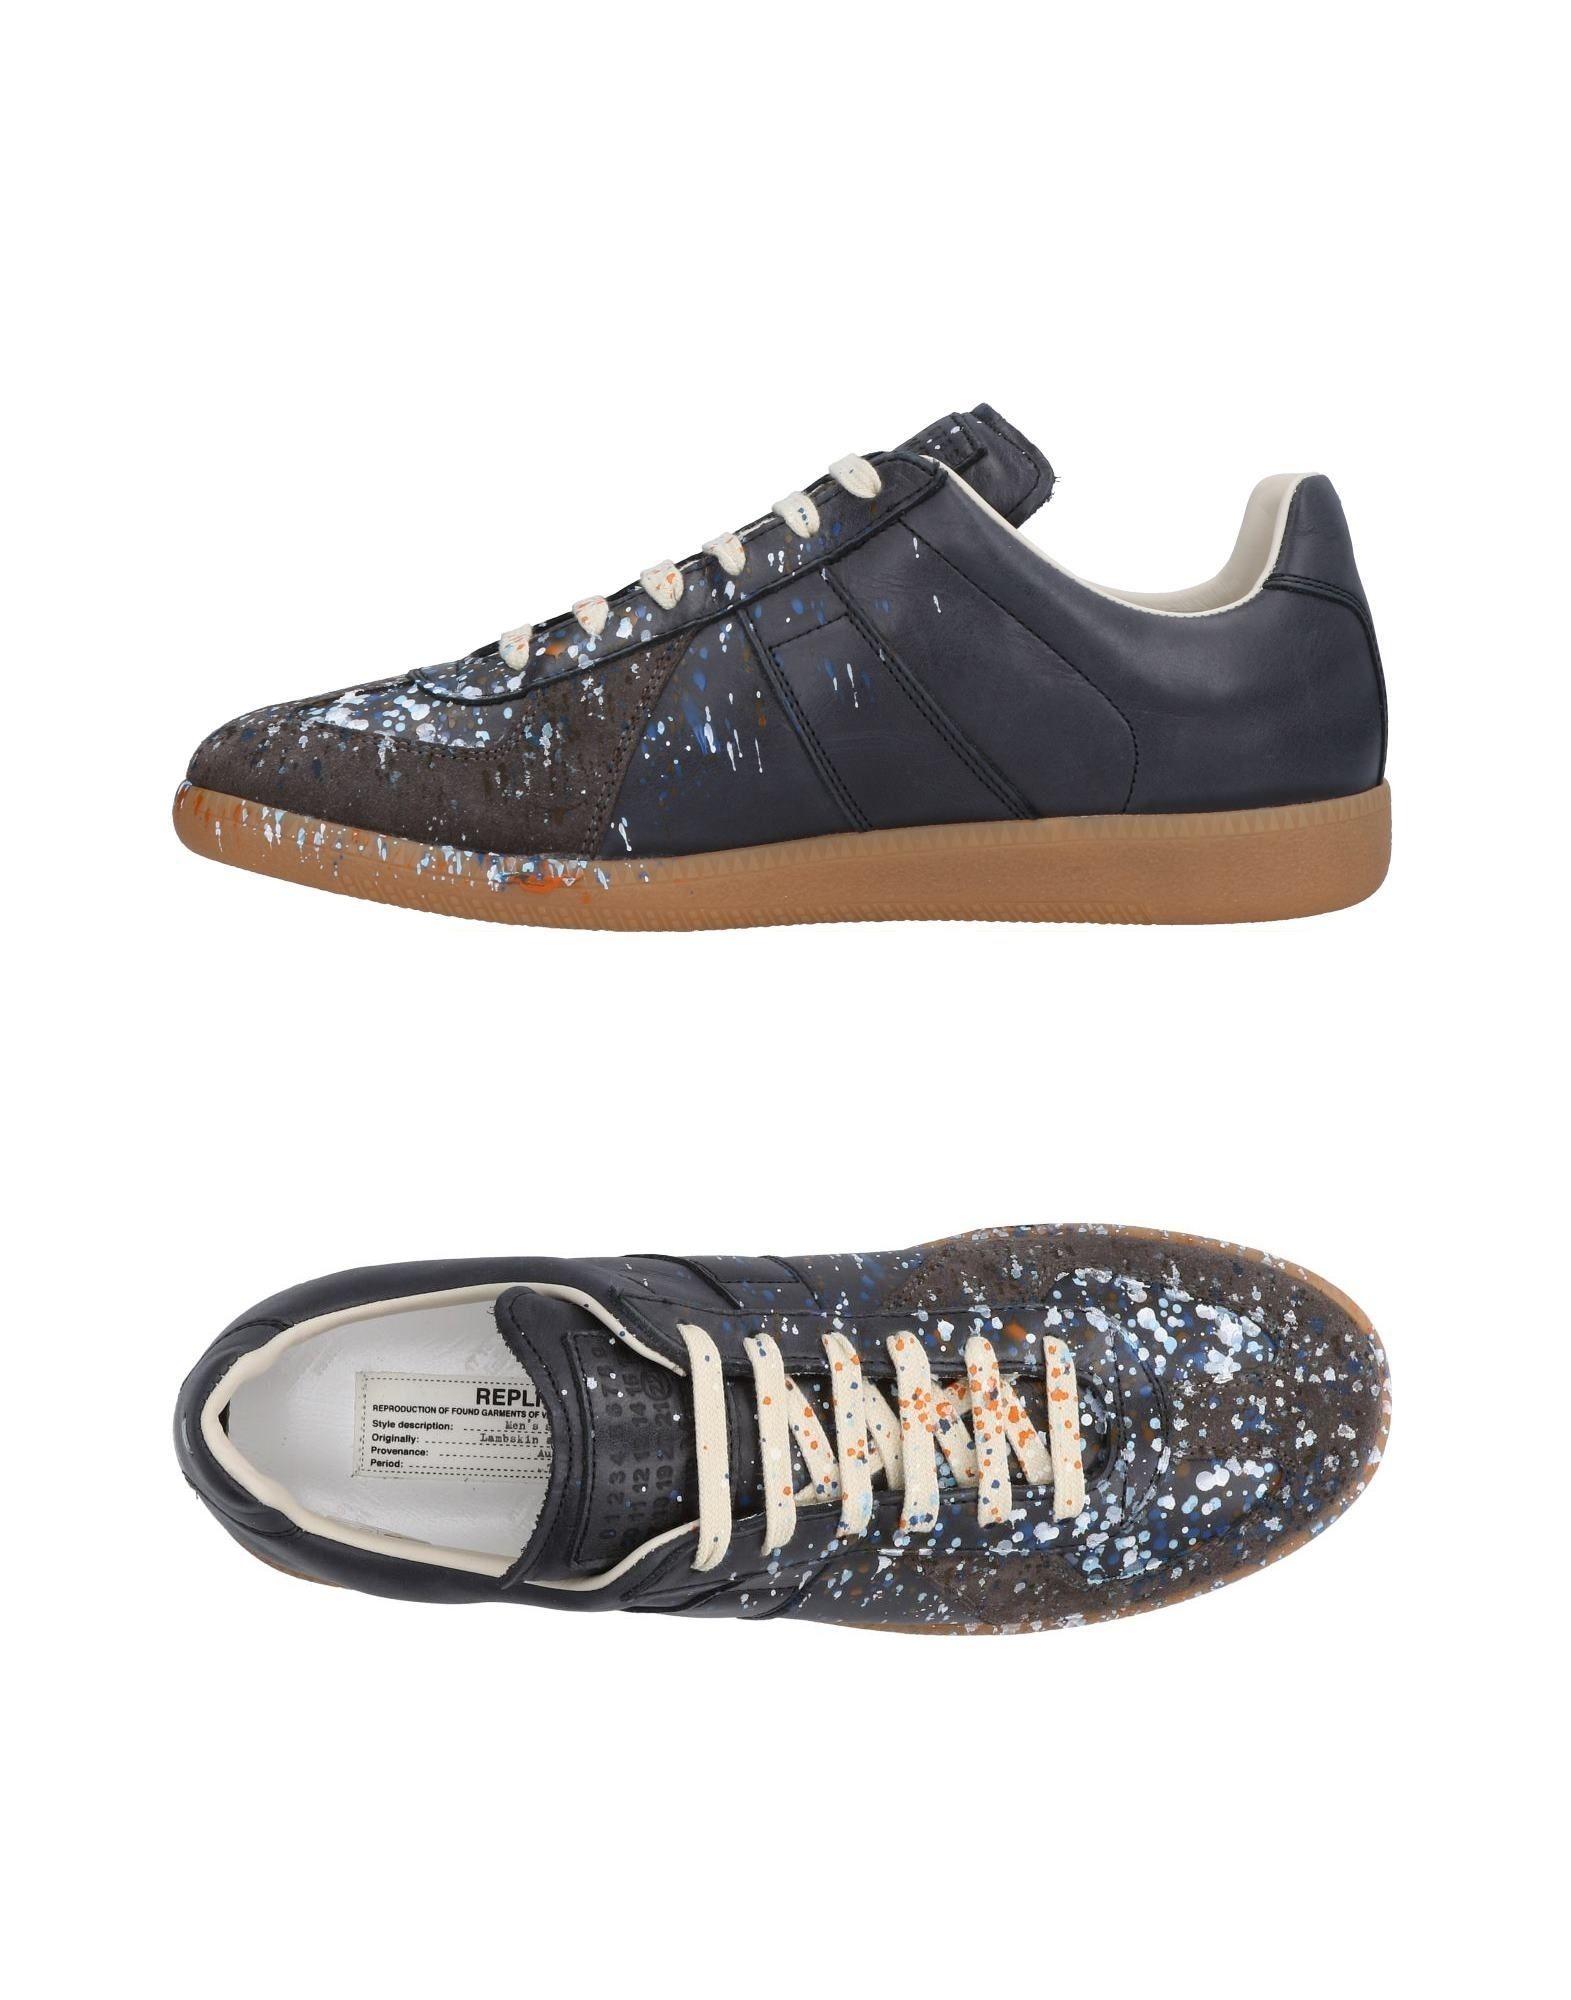 Maison 11463795WK Margiela Sneakers Herren  11463795WK Maison Gute Qualität beliebte Schuhe bef307